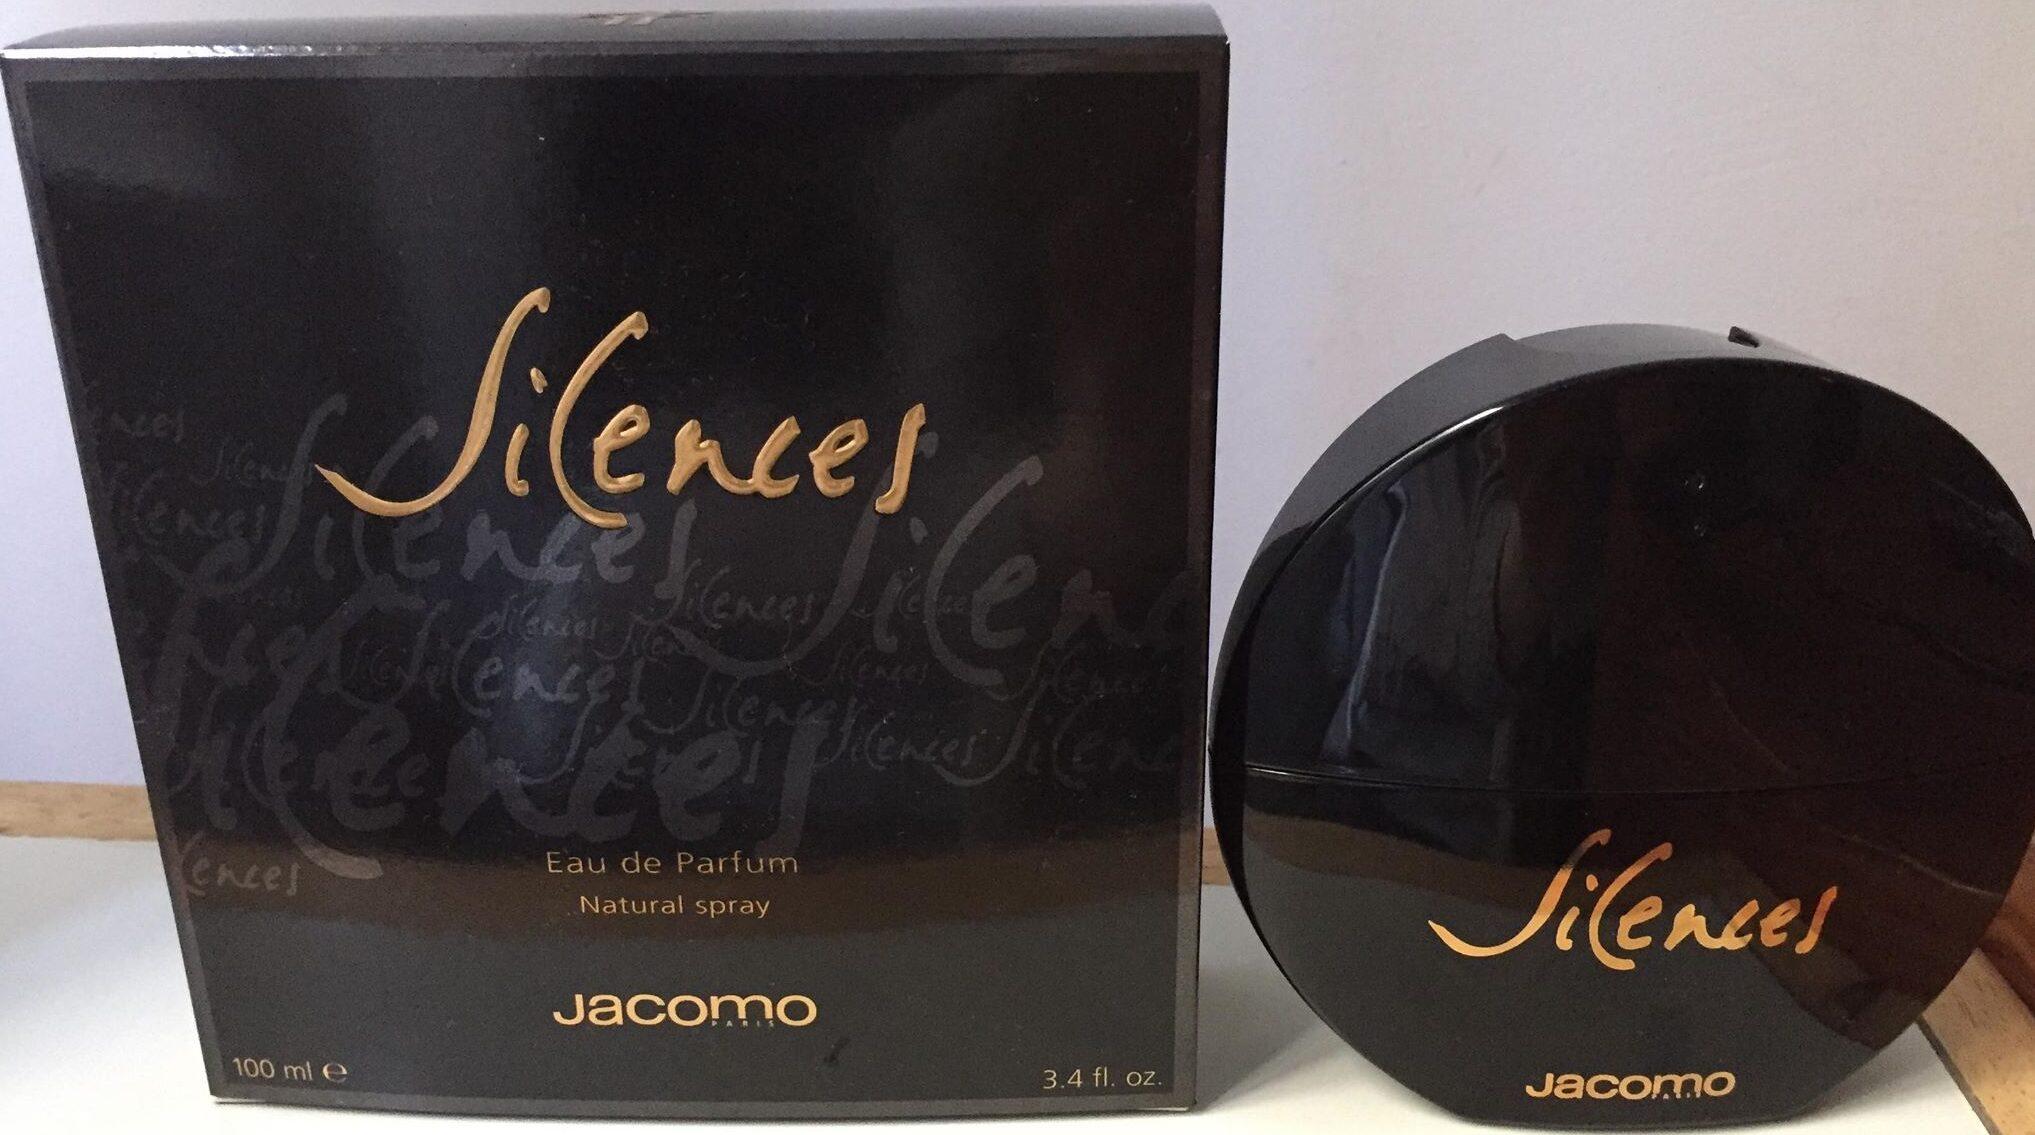 Silences - Eau de parfum - Produit - fr